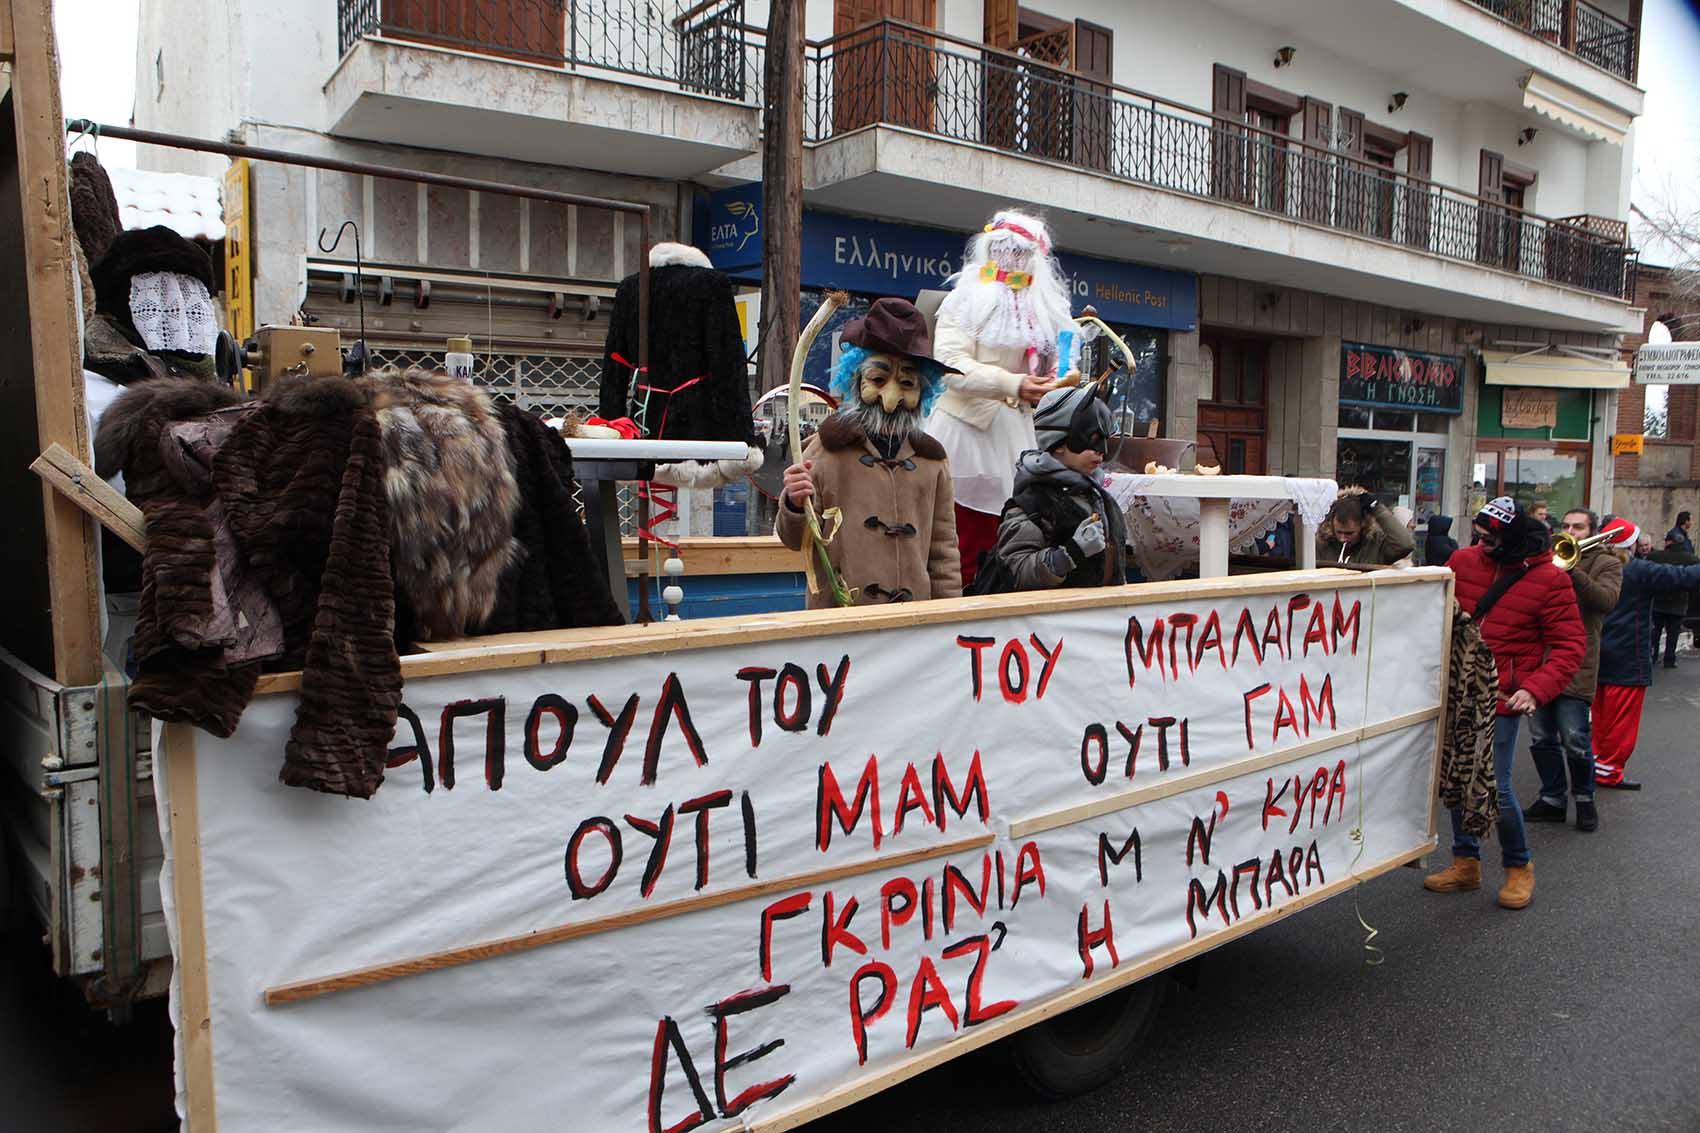 Δήμος Βοΐου:  Αναβίωσε και φέτος το έθιμο των Μπουμπουσιαριών στη Σιάτιστα (Φωτογραφίες)